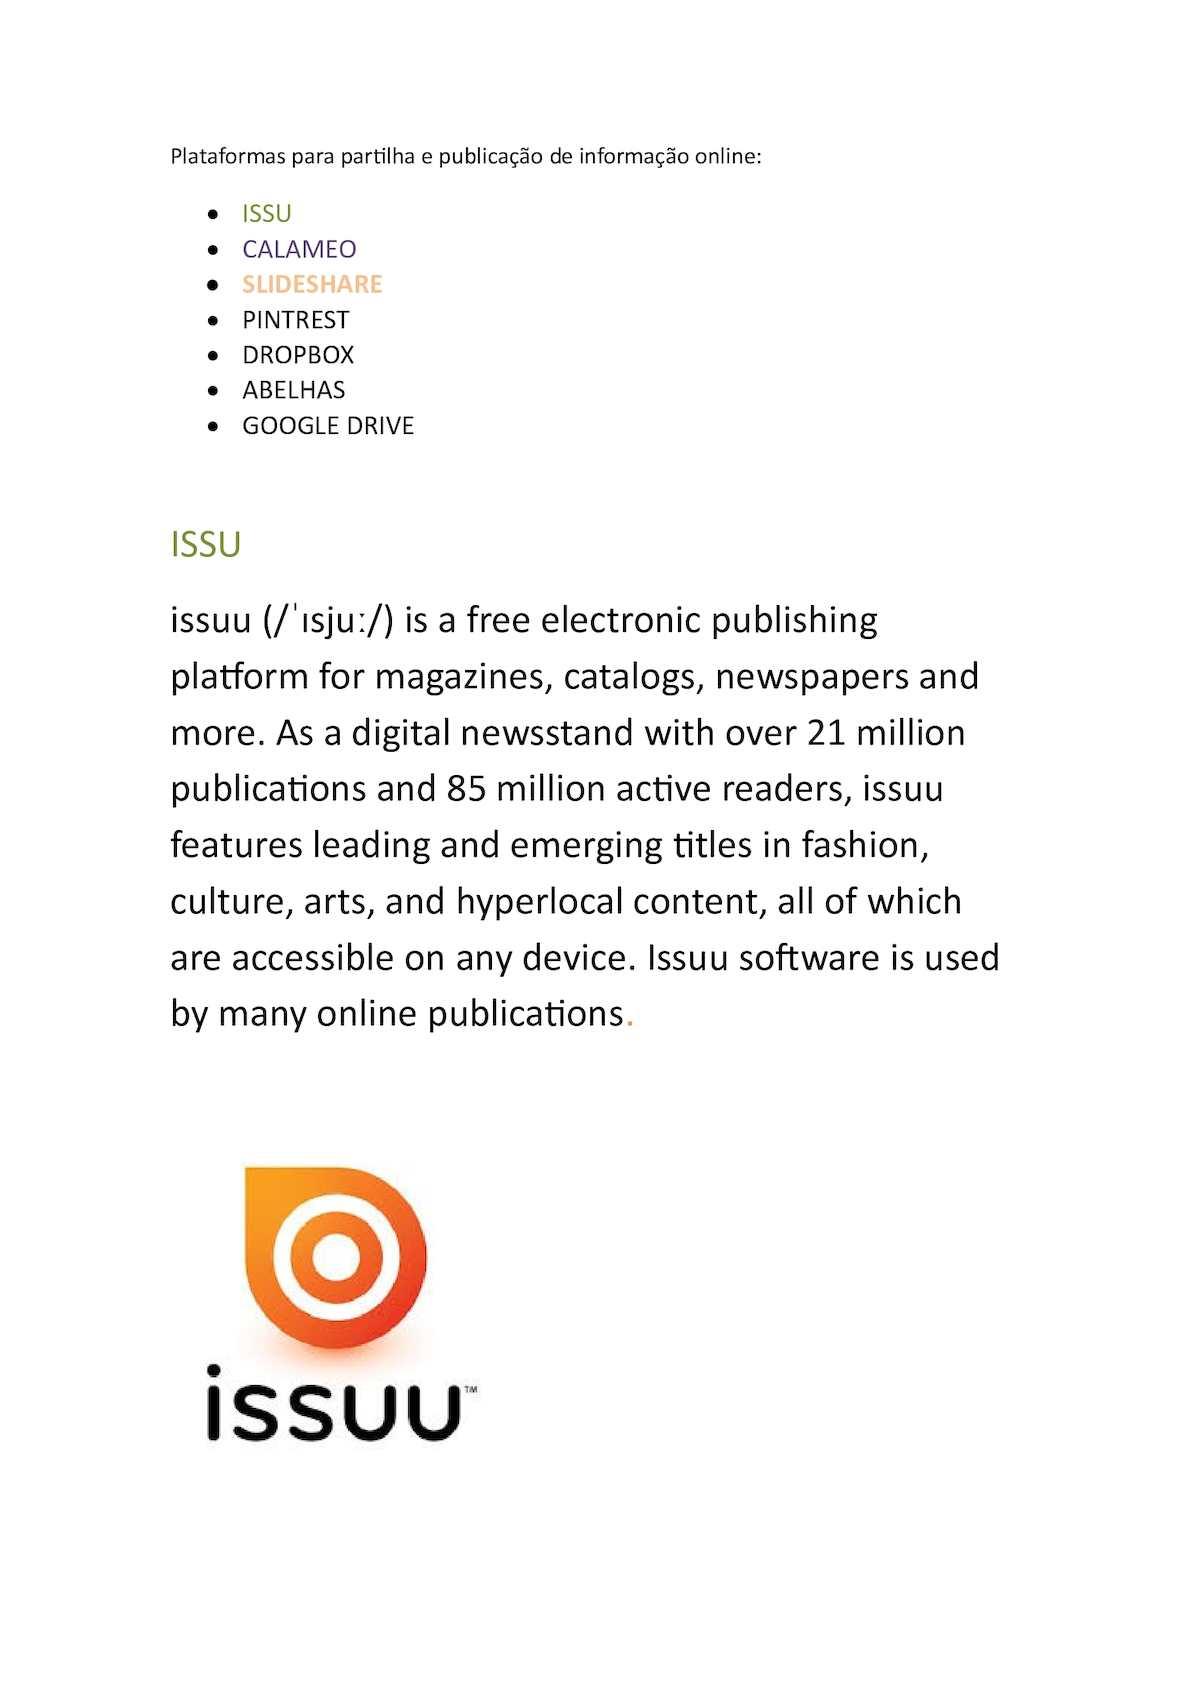 Calaméo - Plataformas Para Partilha E Publicação De Informação Online